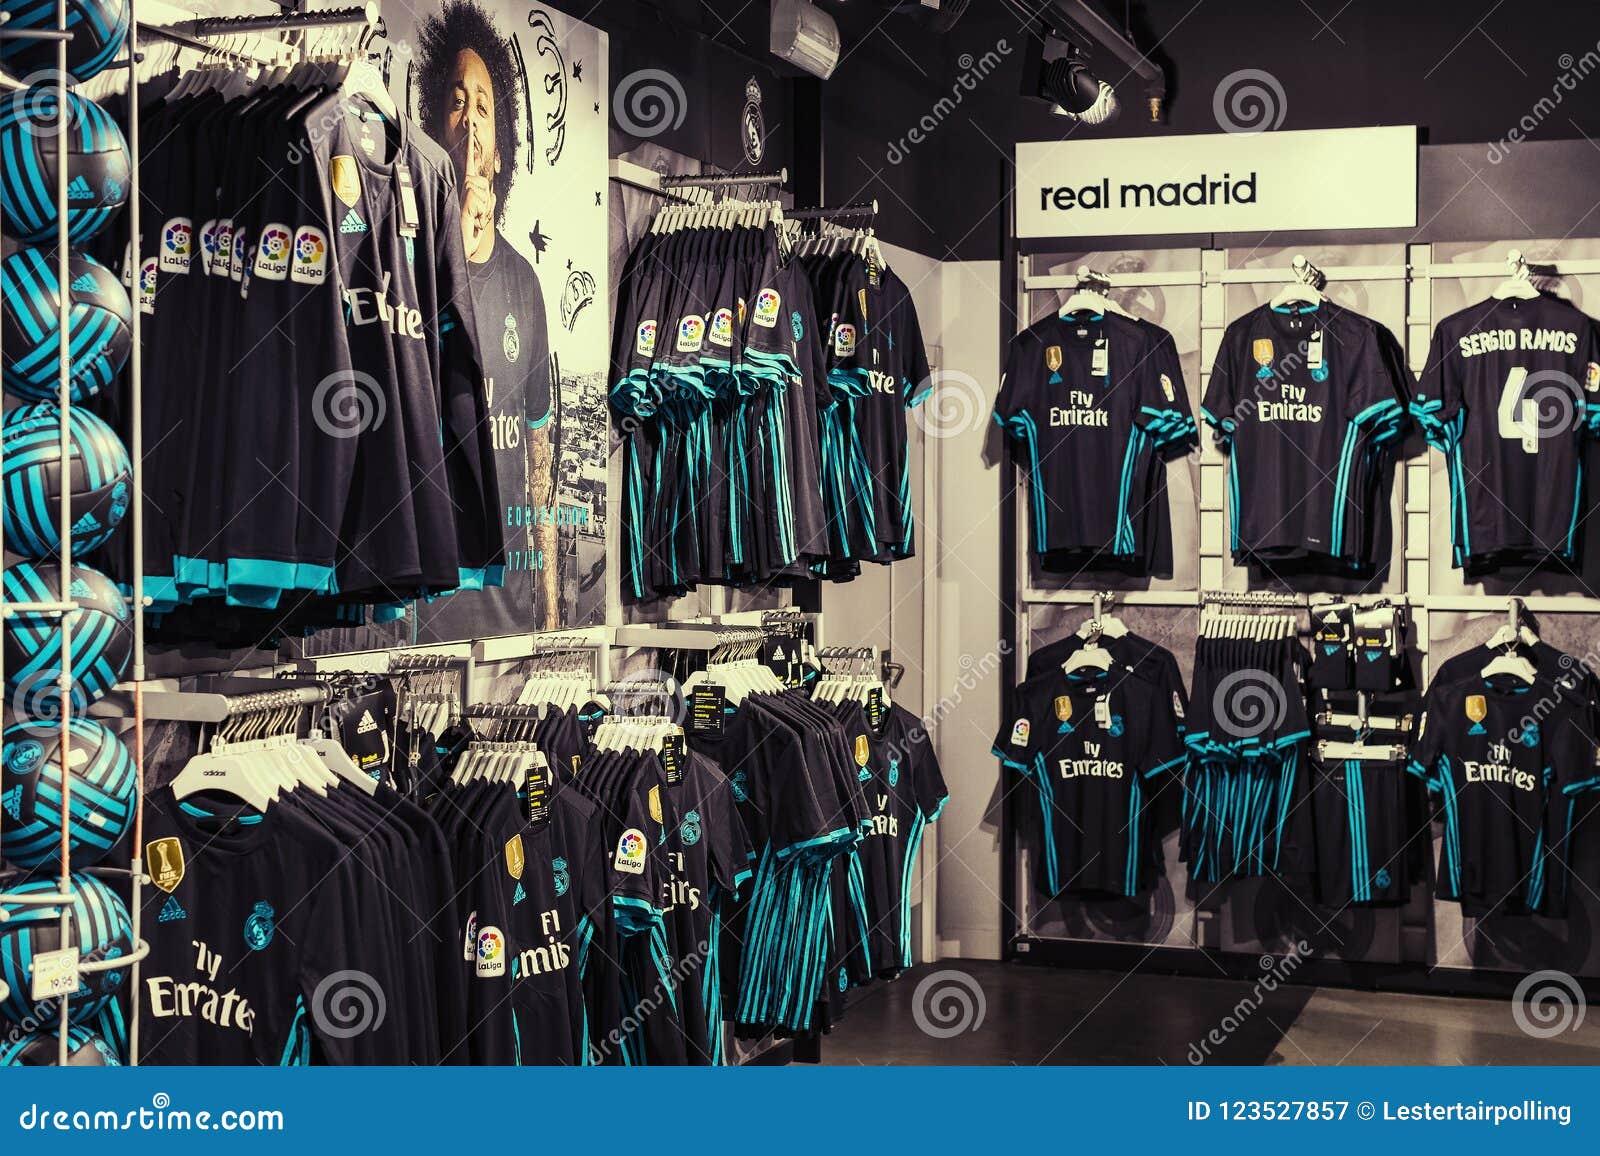 real madrid store madrid spain